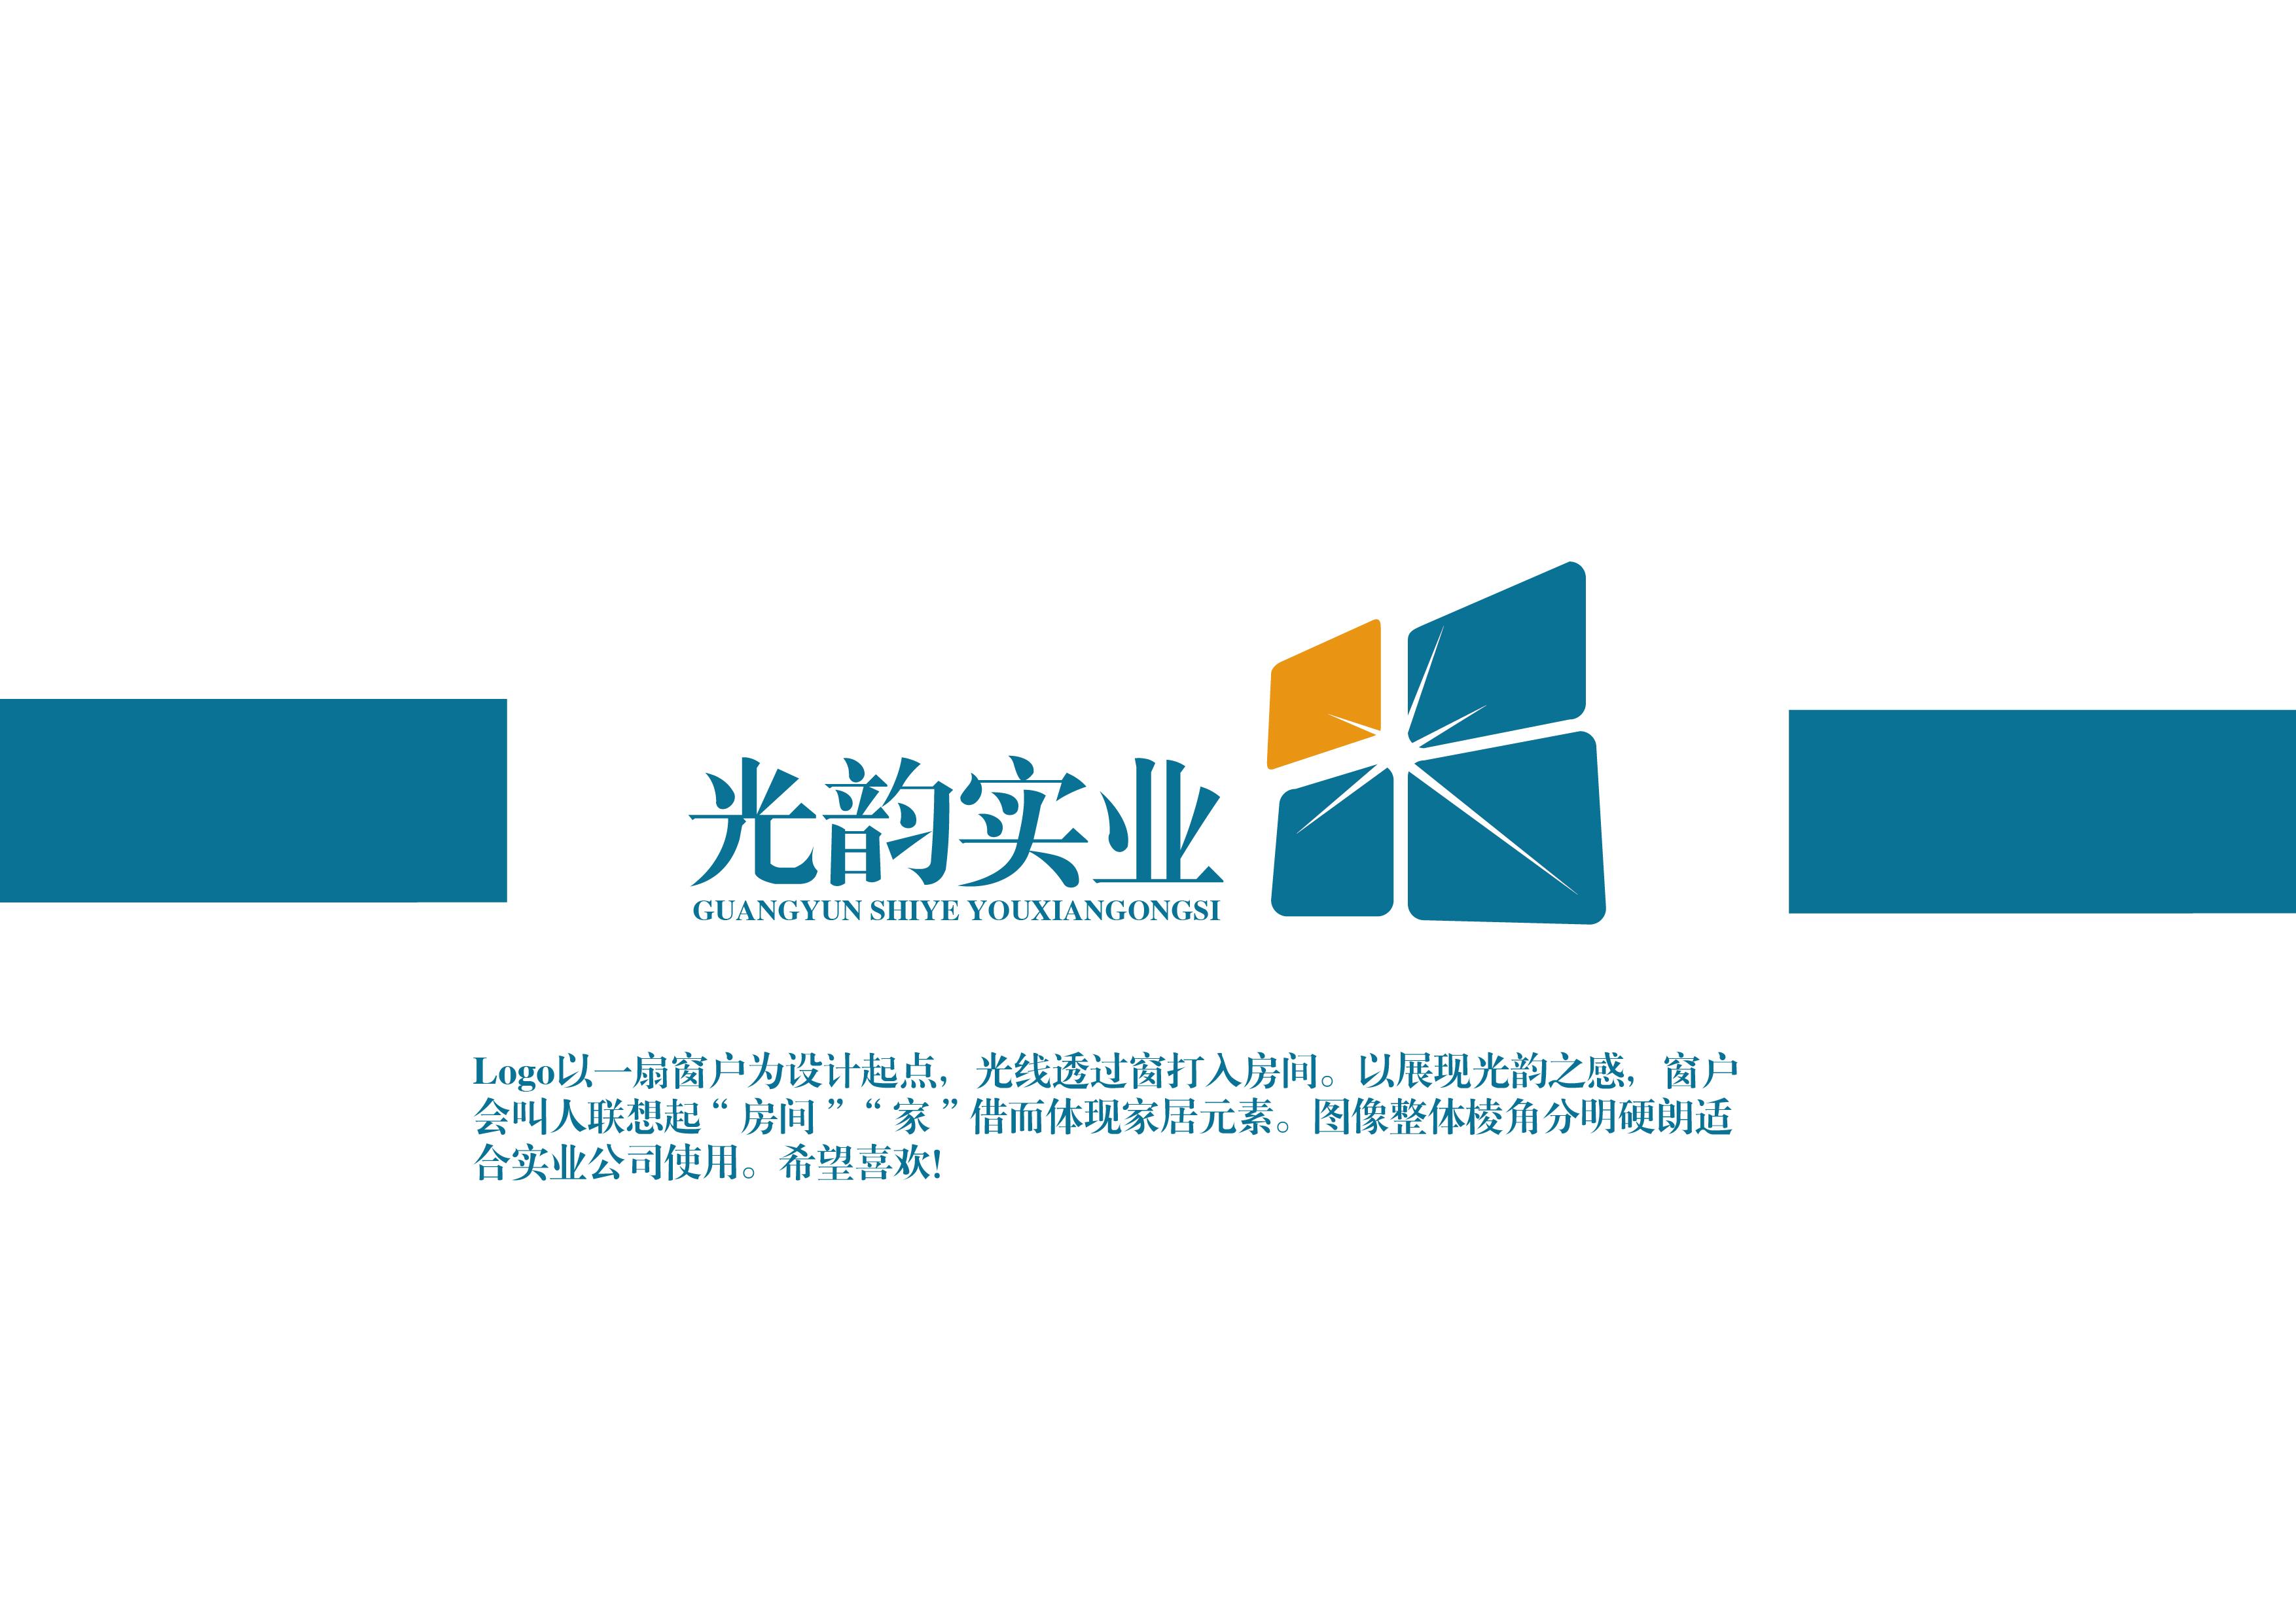 实业公司logo设计【综合因素只看有传图的】